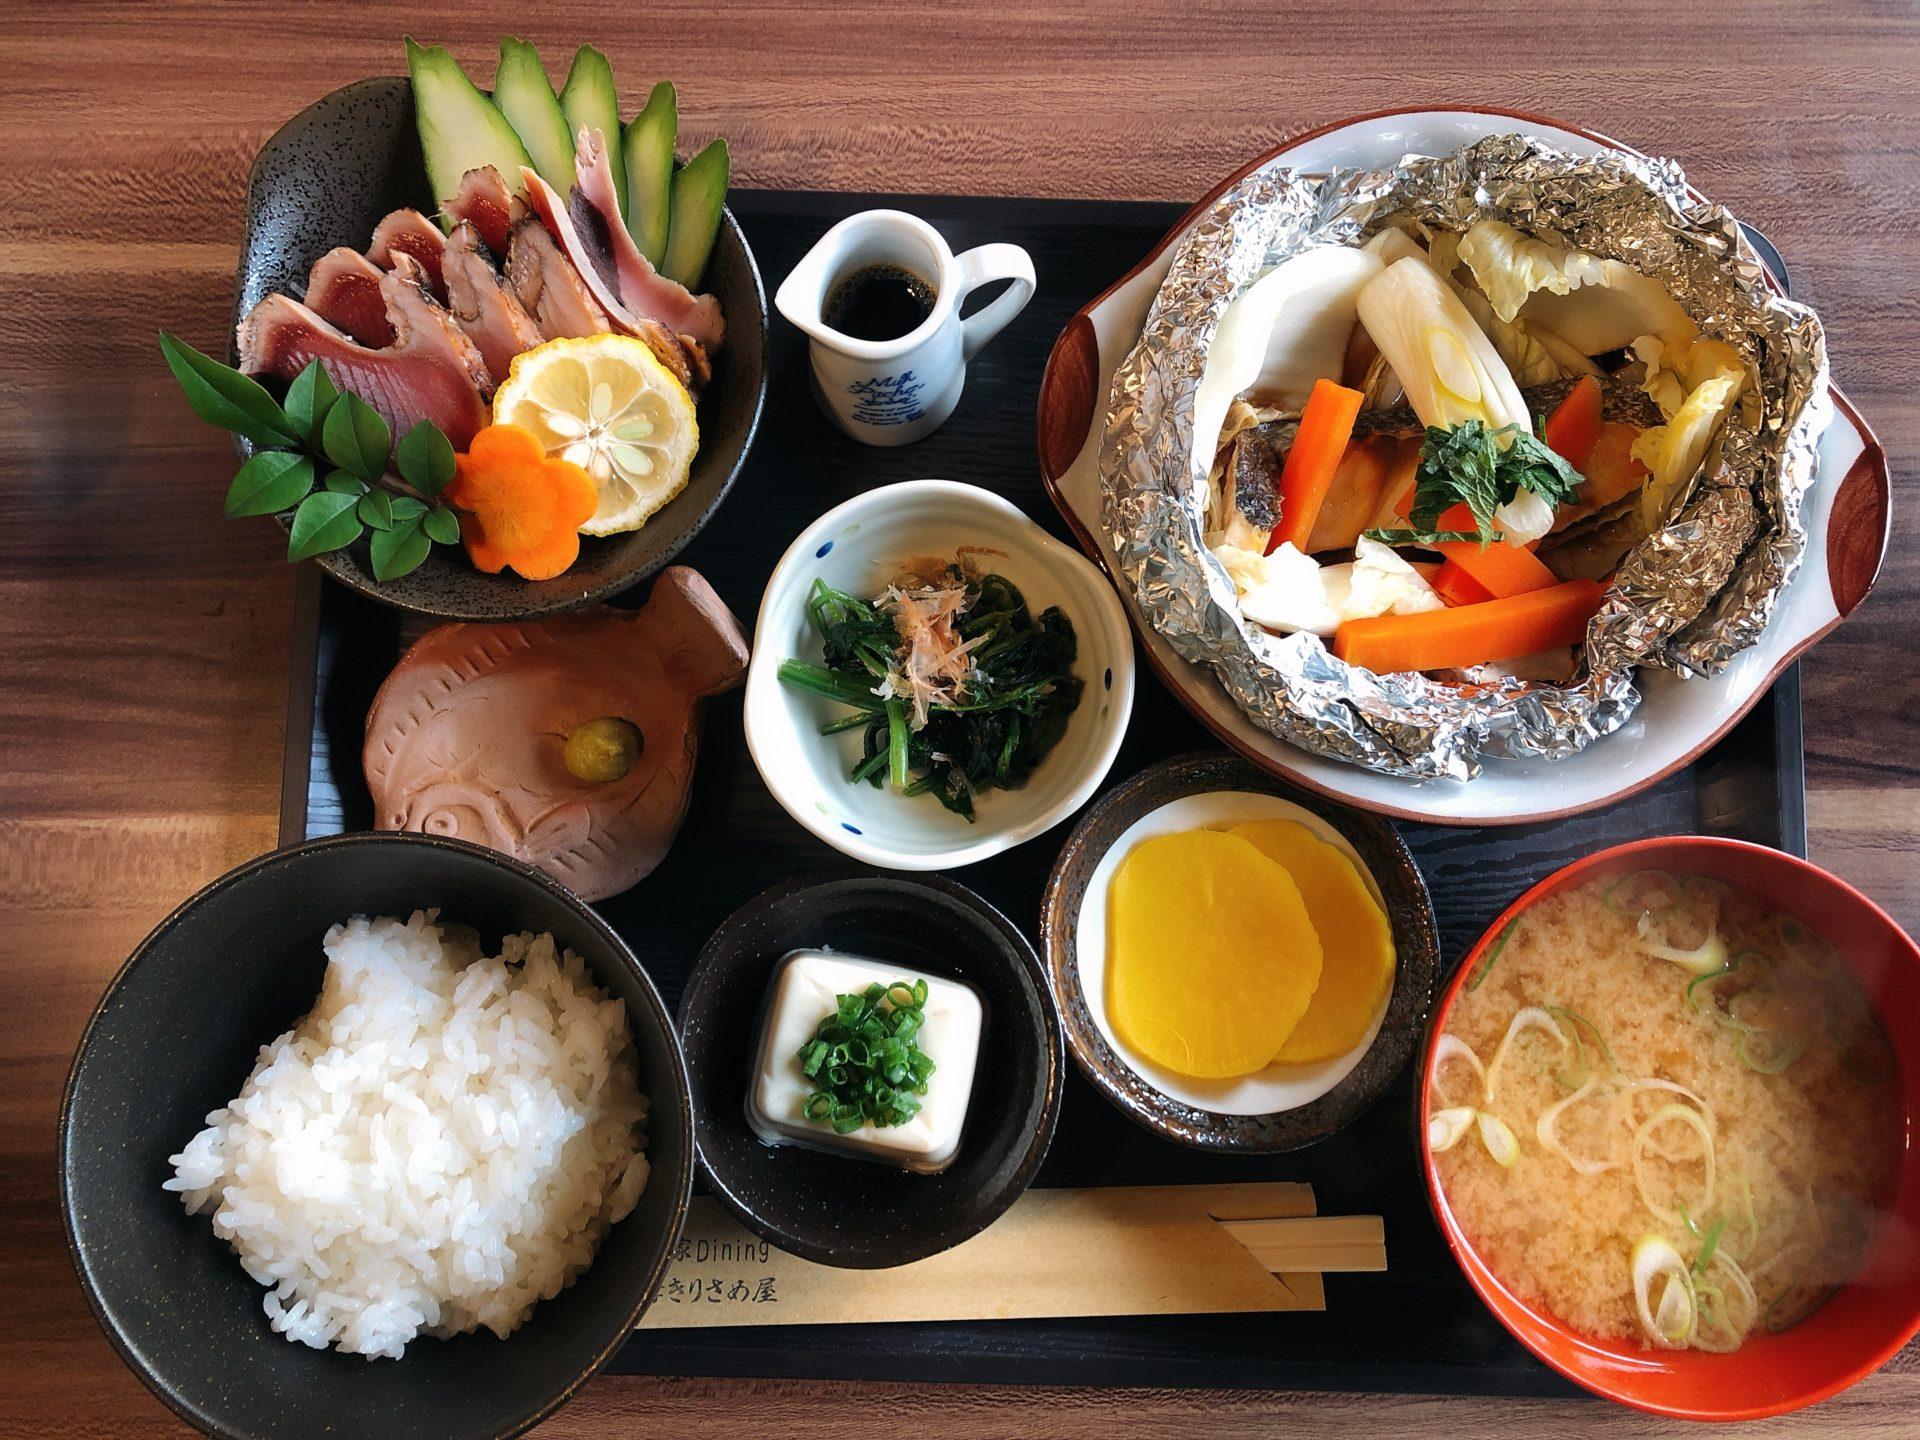 岡山市東区イズミ平島店近く 古民家ダイニング薩摩きりさめ屋は、魚料理中心の日替わり限定ランチも接客も最高!